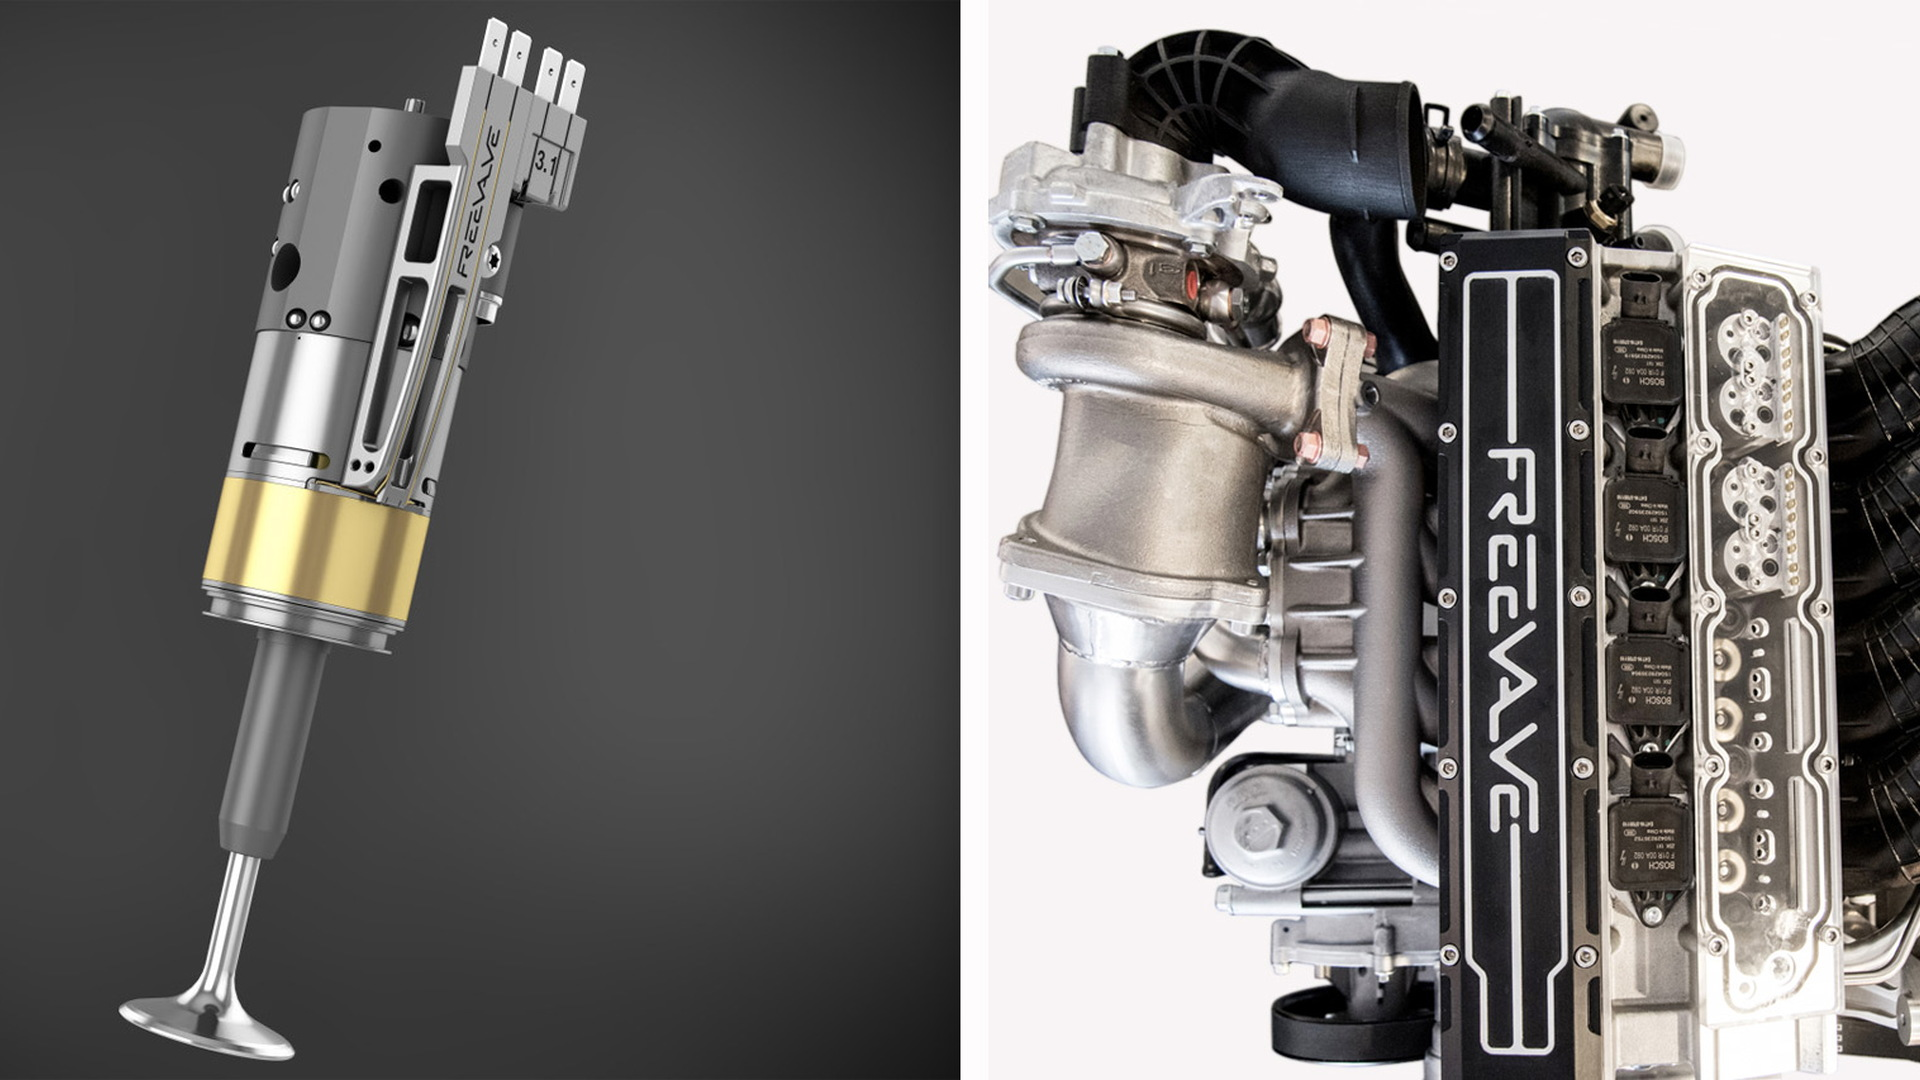 FreeValve camless engine